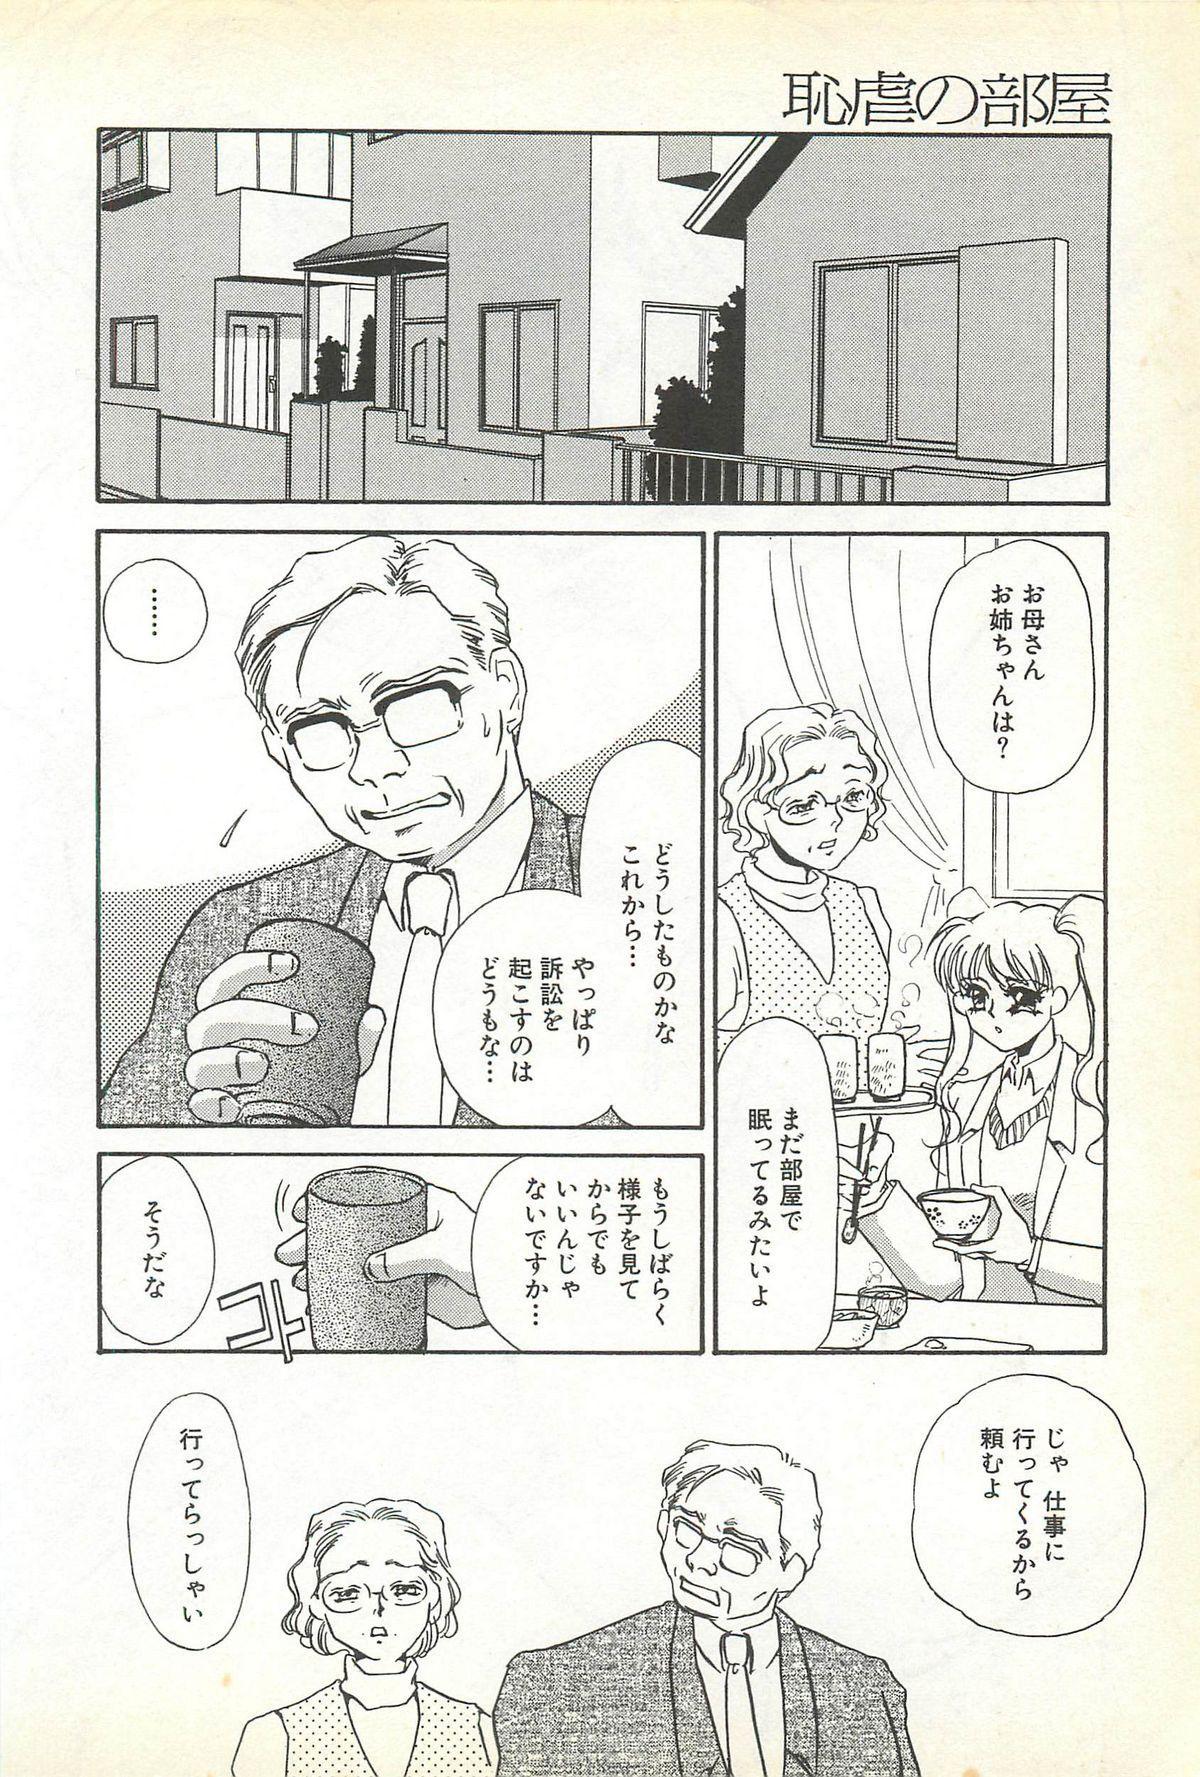 Chigyaku no Heya - A Shameful Punishment Room 123